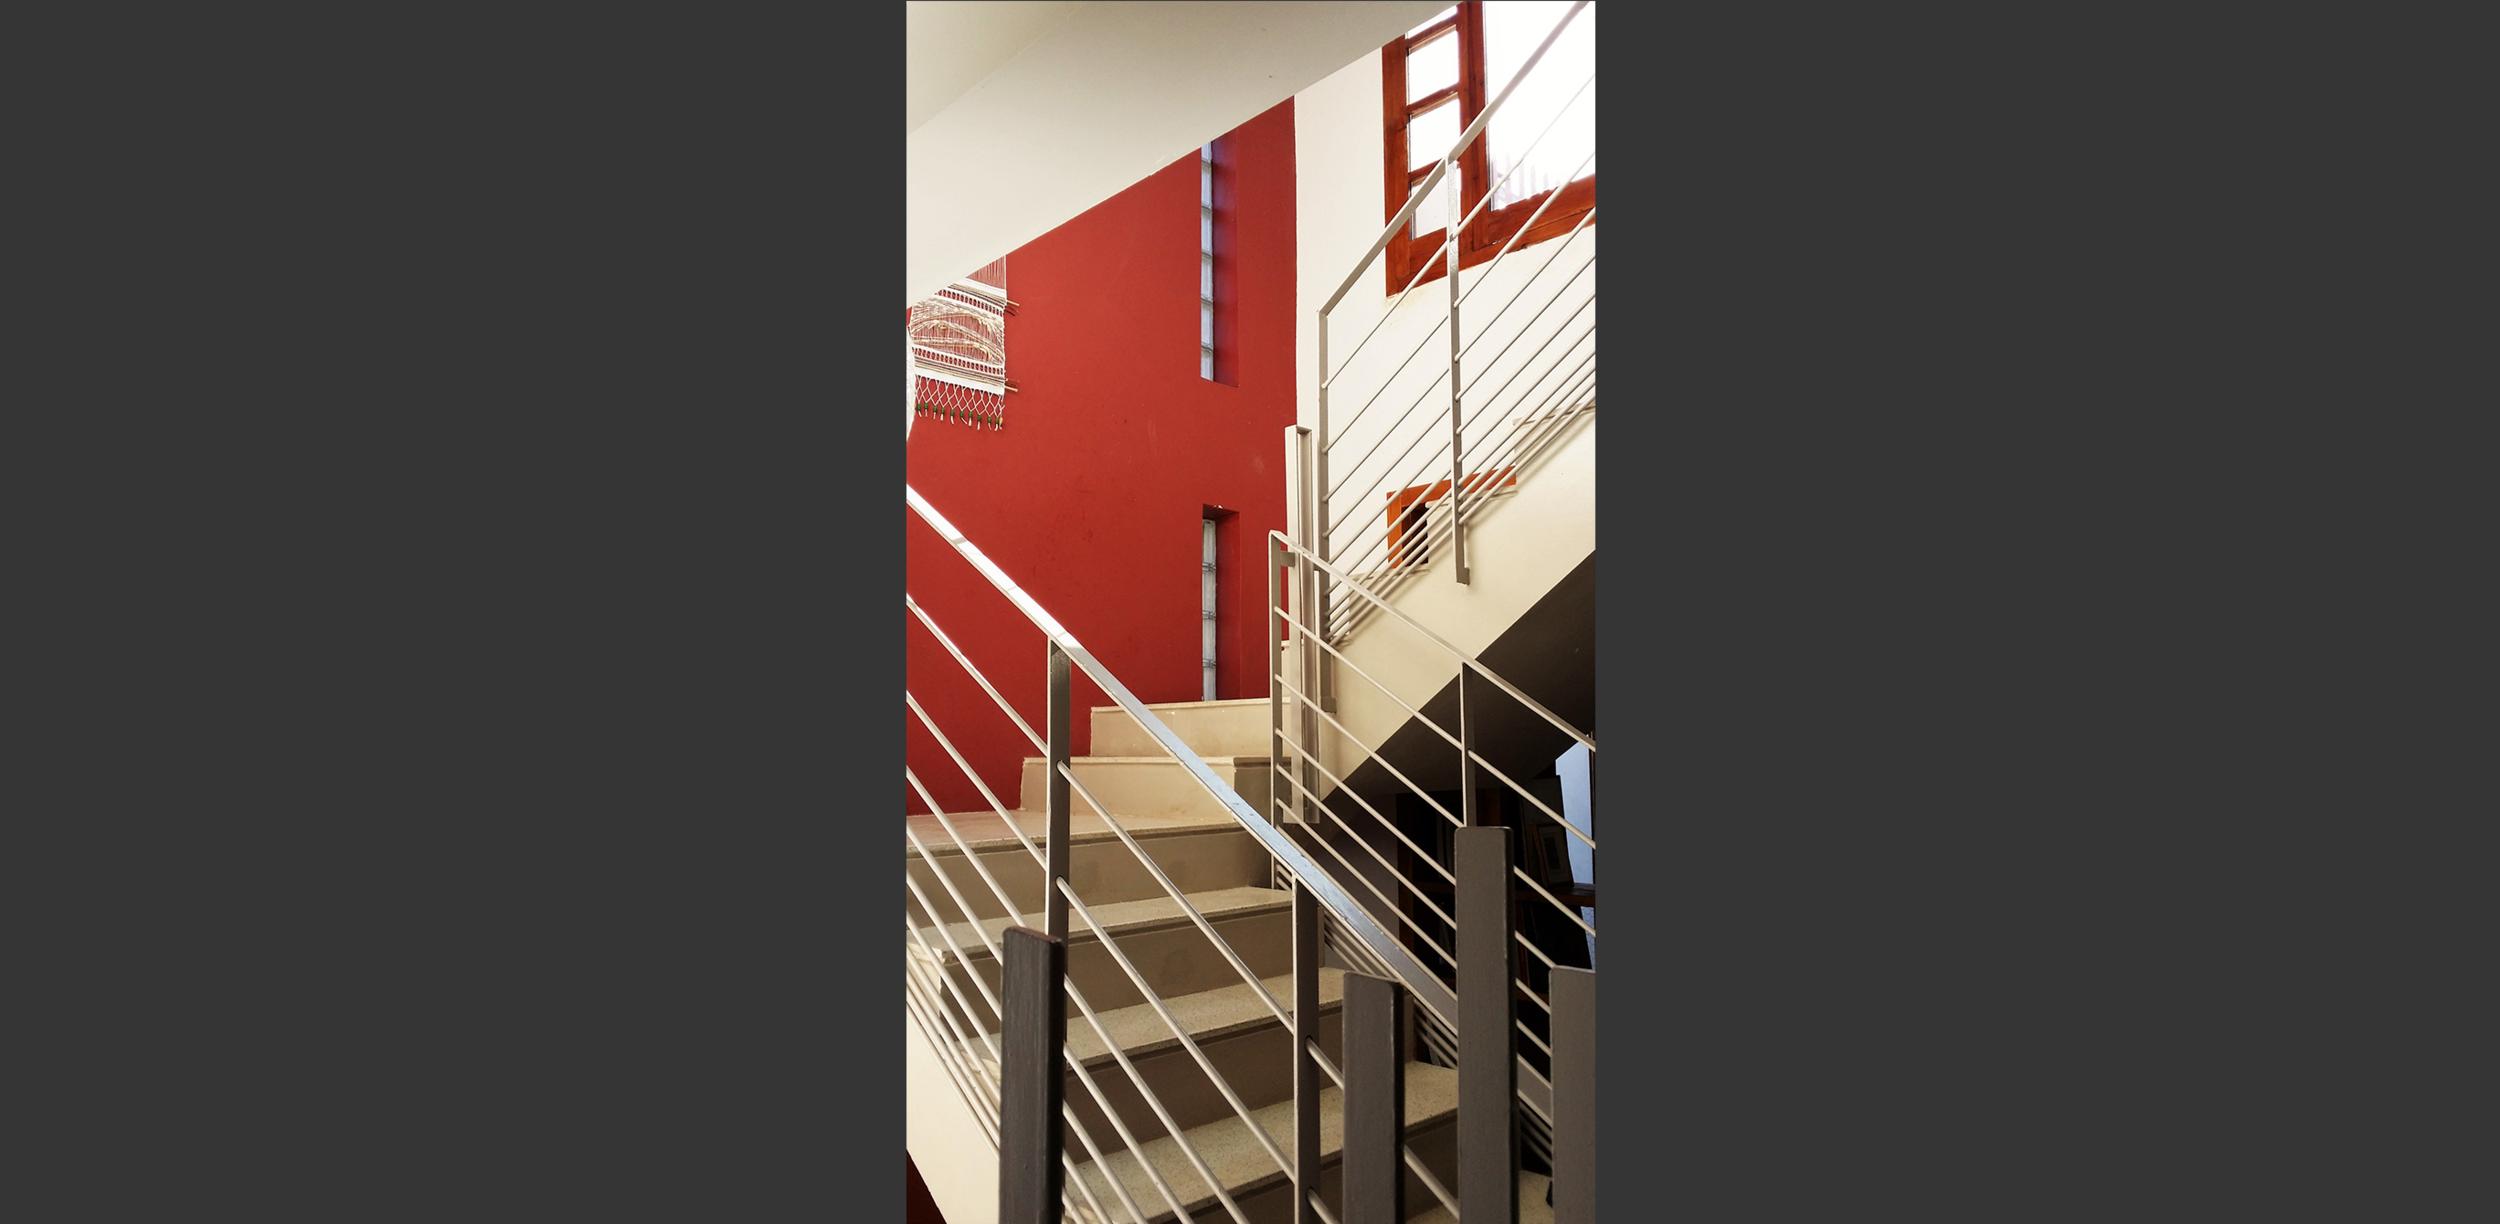 Escalier Maison à quatre patios Kolea, Atelier Messaoudi architecture aménagement et design. Bureau d'étude Algérie.